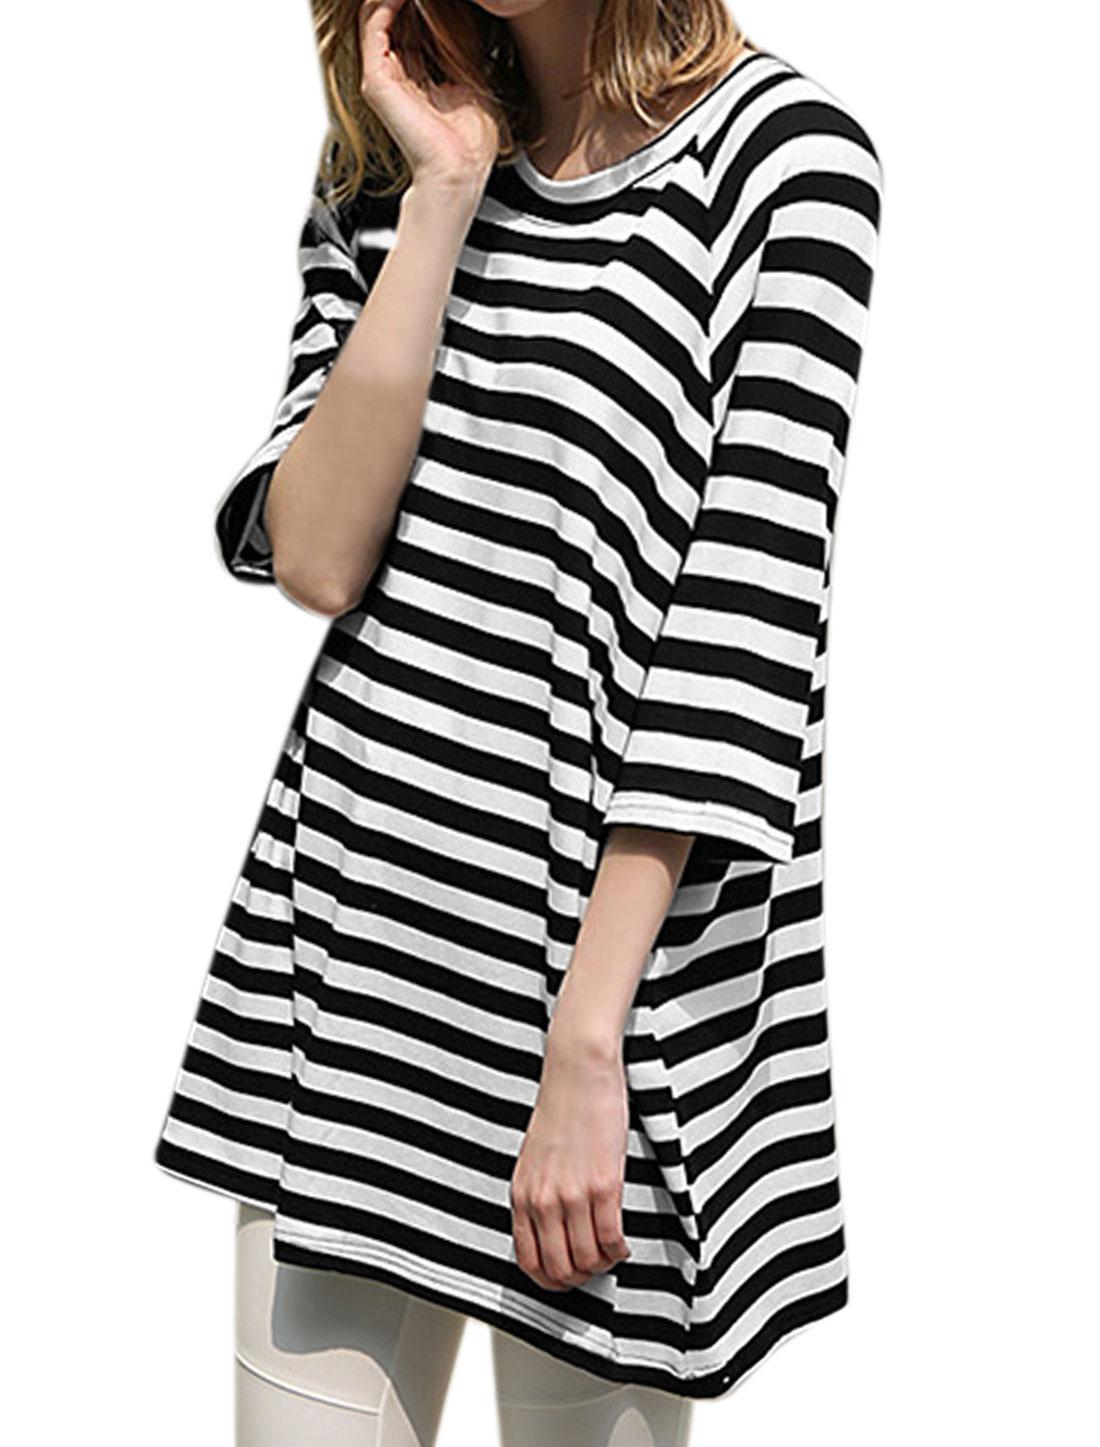 Woman Round Neck 3/4 Sleeves Stripes Tunic T-Shirt Black White XS